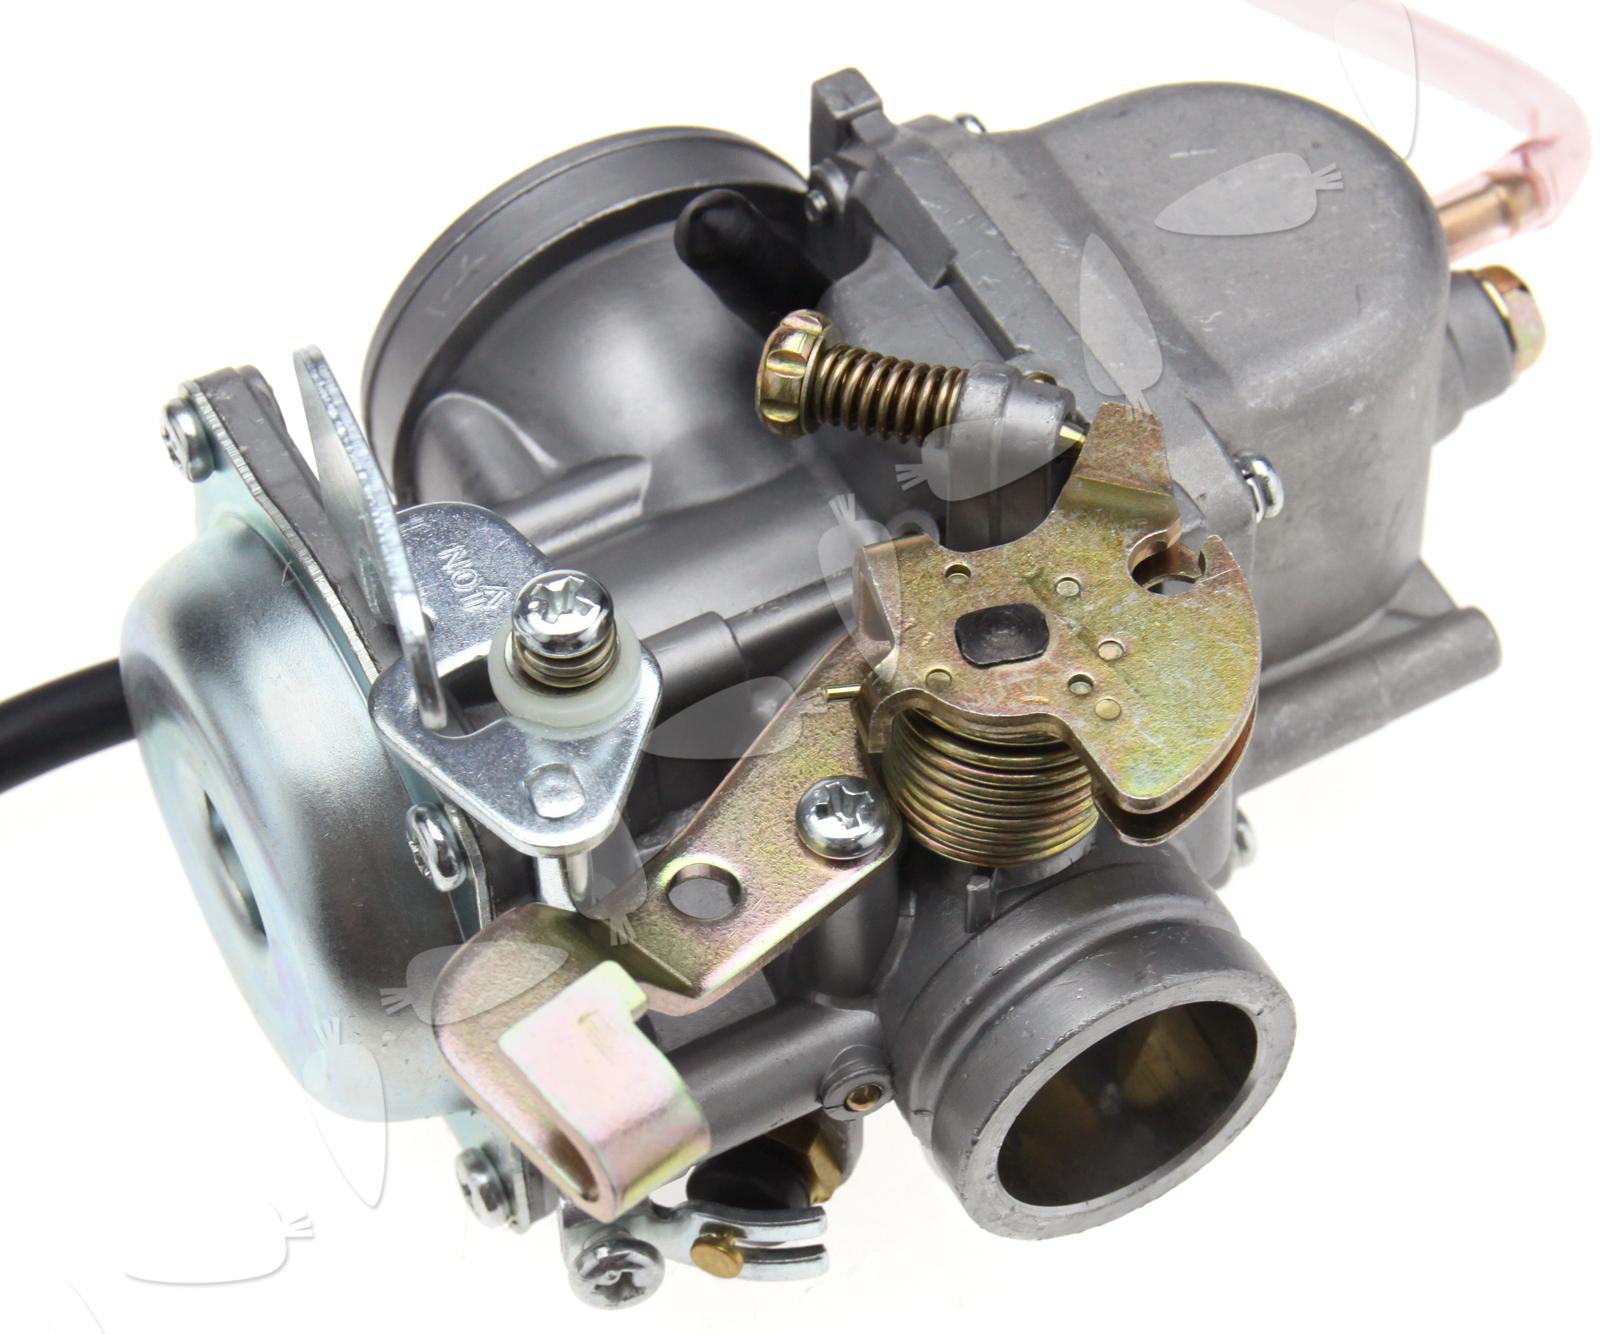 26mm Auto Motor Benzin Vergaser Carb Für Suzuki 125 EN125 GS125 ...